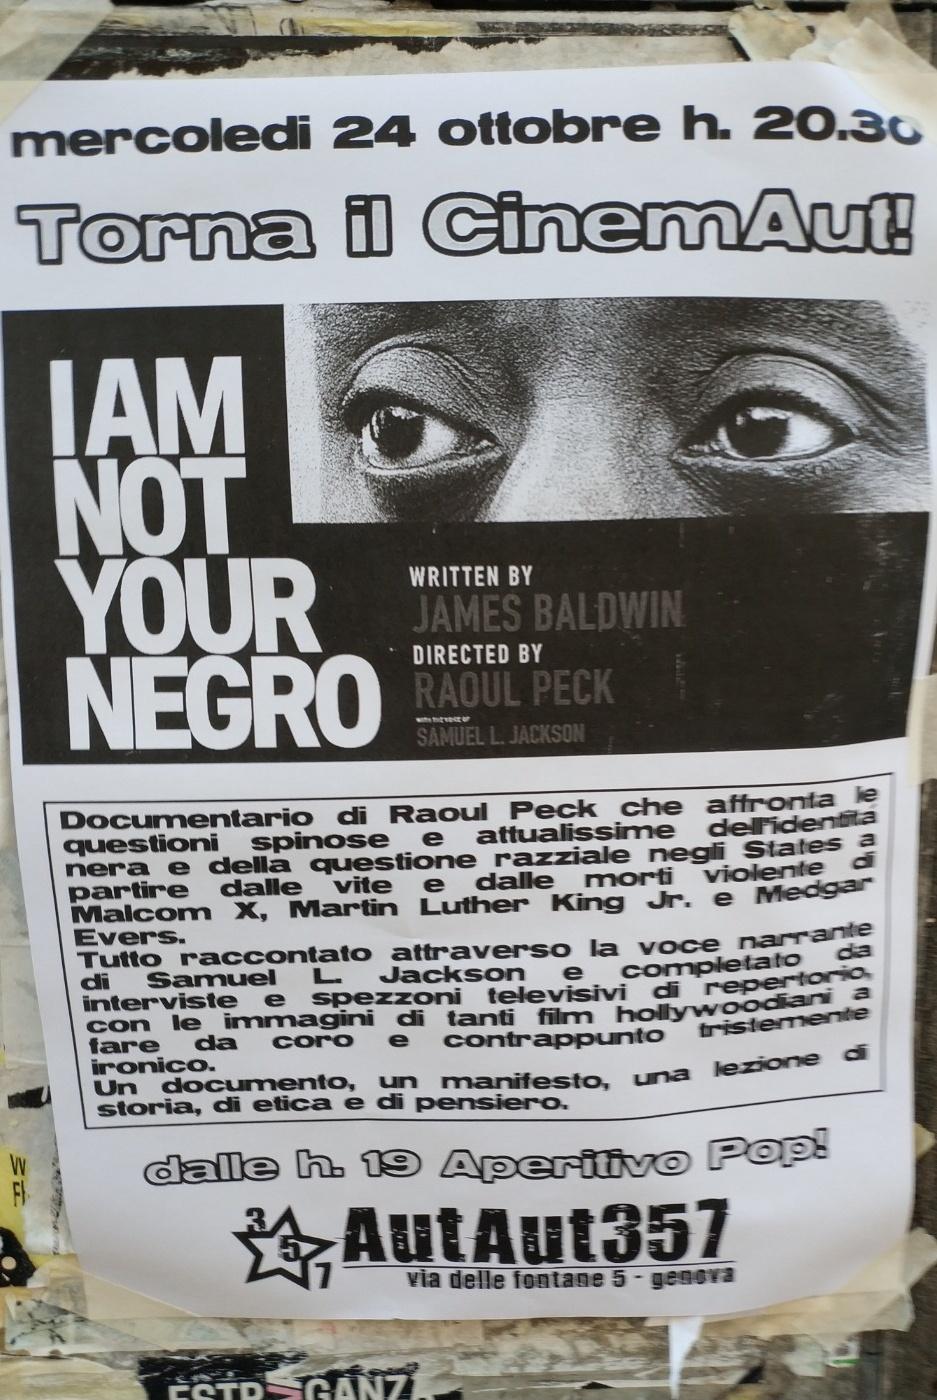 I AM NOT YOUR NEGRO AutAut357 Via delle Fontane 5, 16123 Genova Dal 24/10/2018 Al 24/10/2018 20:30 - 00:00